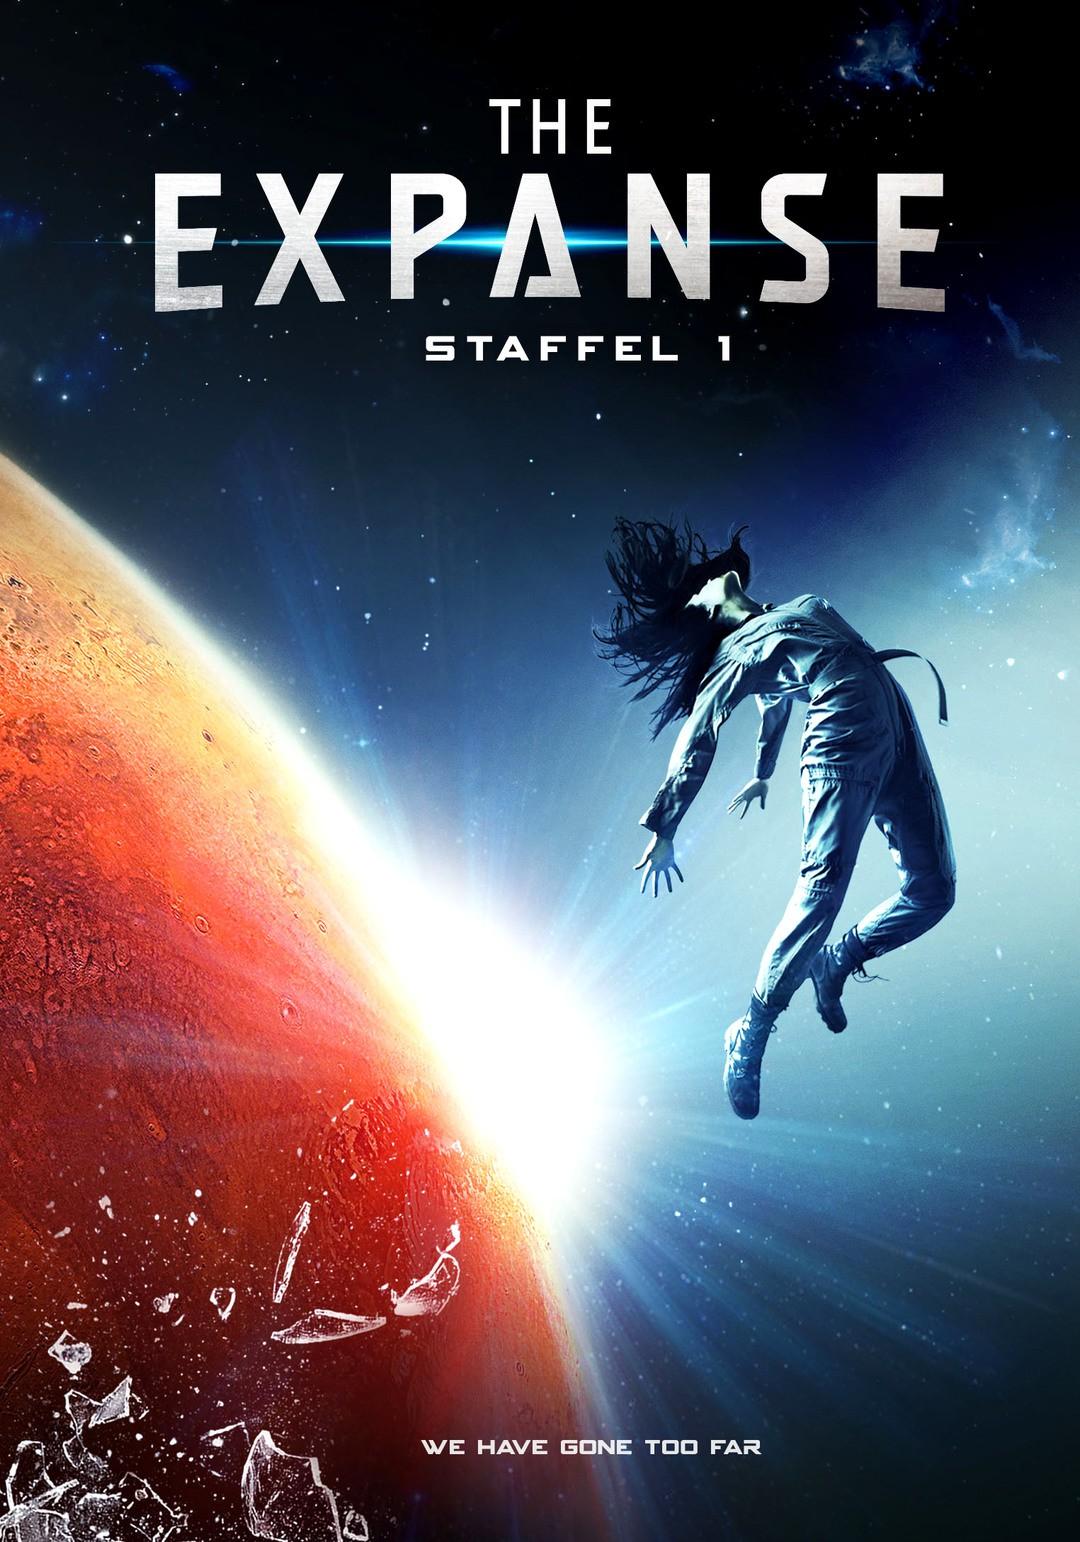 The Expanse: Staffel 1 auf DVD und BD - Bild 1 von 15